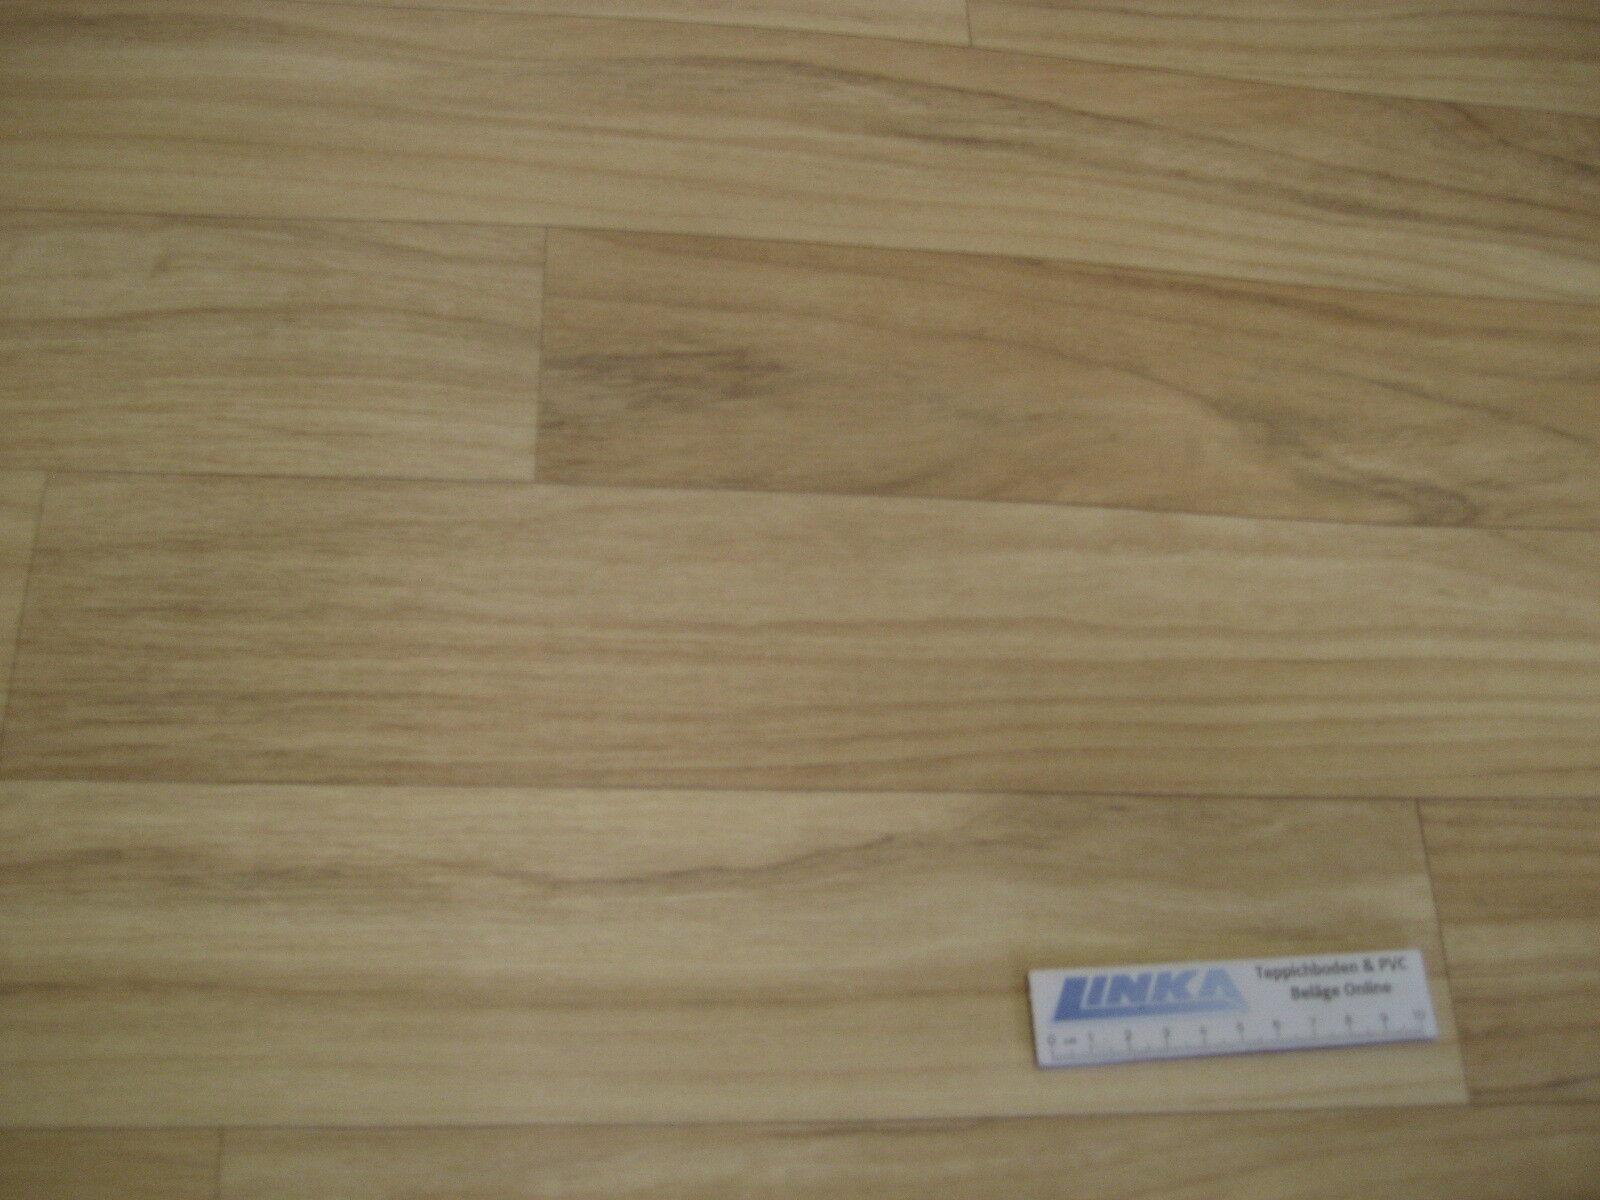 5966 PVC CV Belag Rest 336x200 Boden Bodenbelag robust Wildkirsche Holz-Dekor